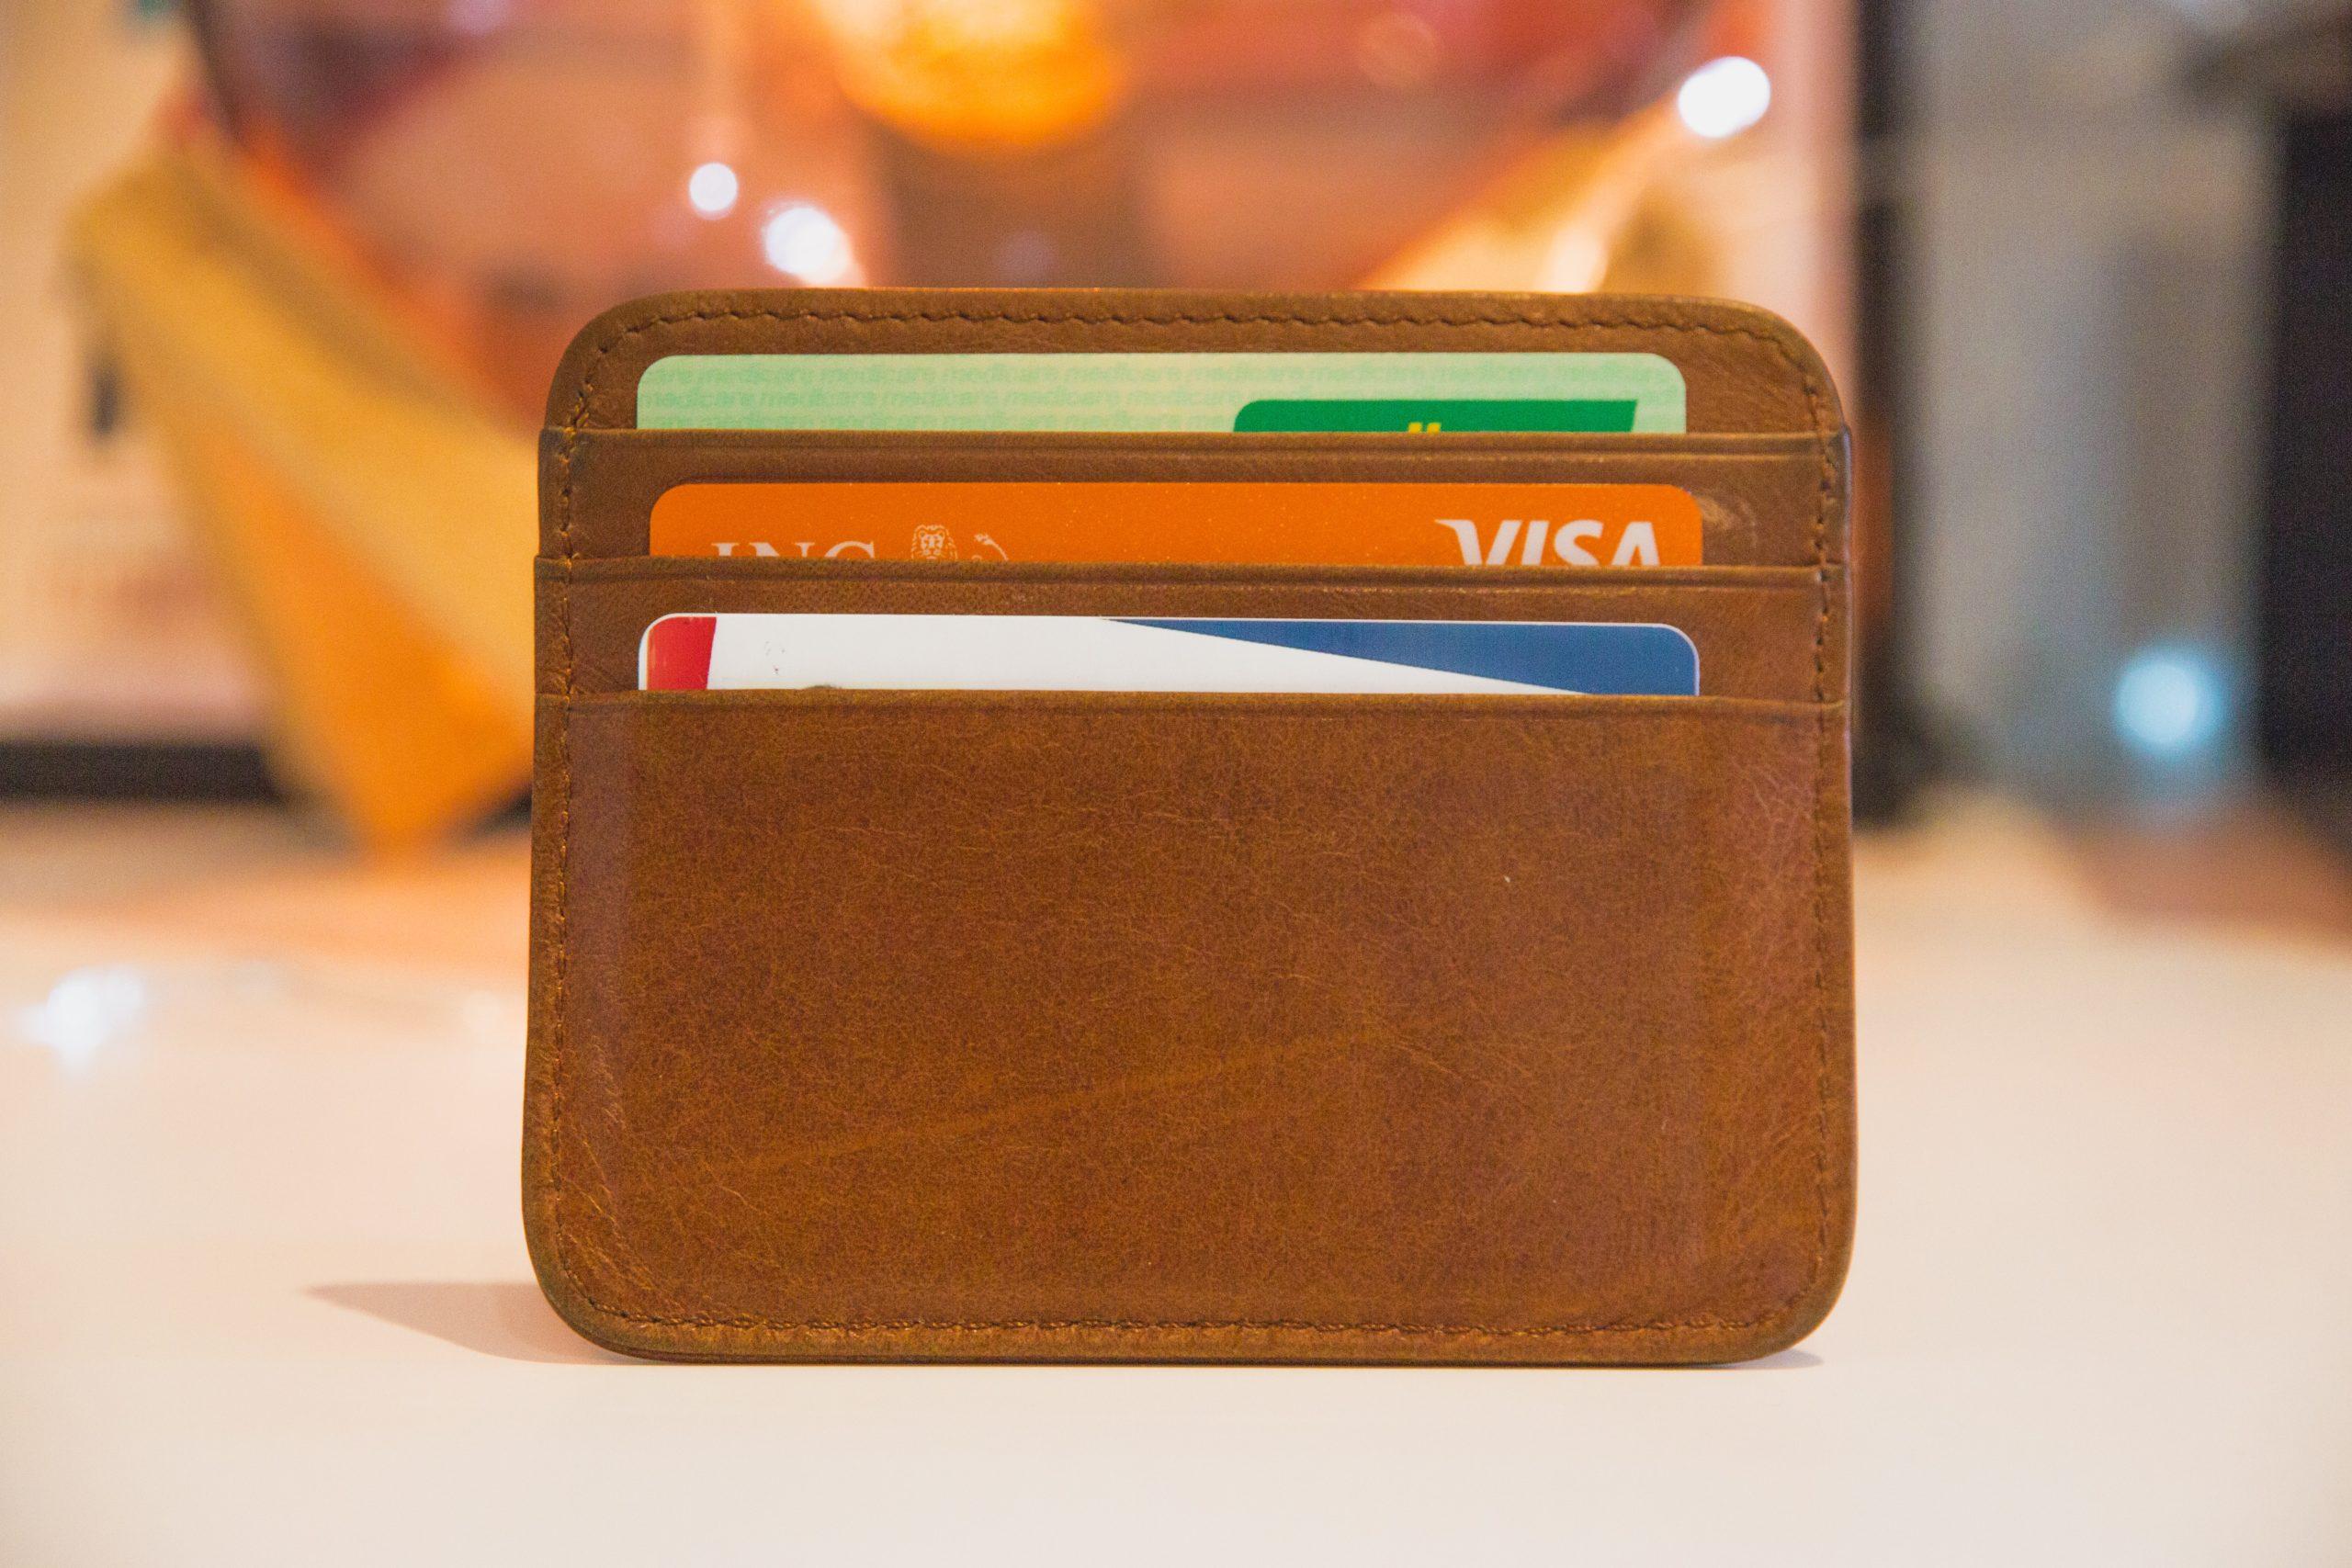 ¿Por qué es tan caro el crédito en México?